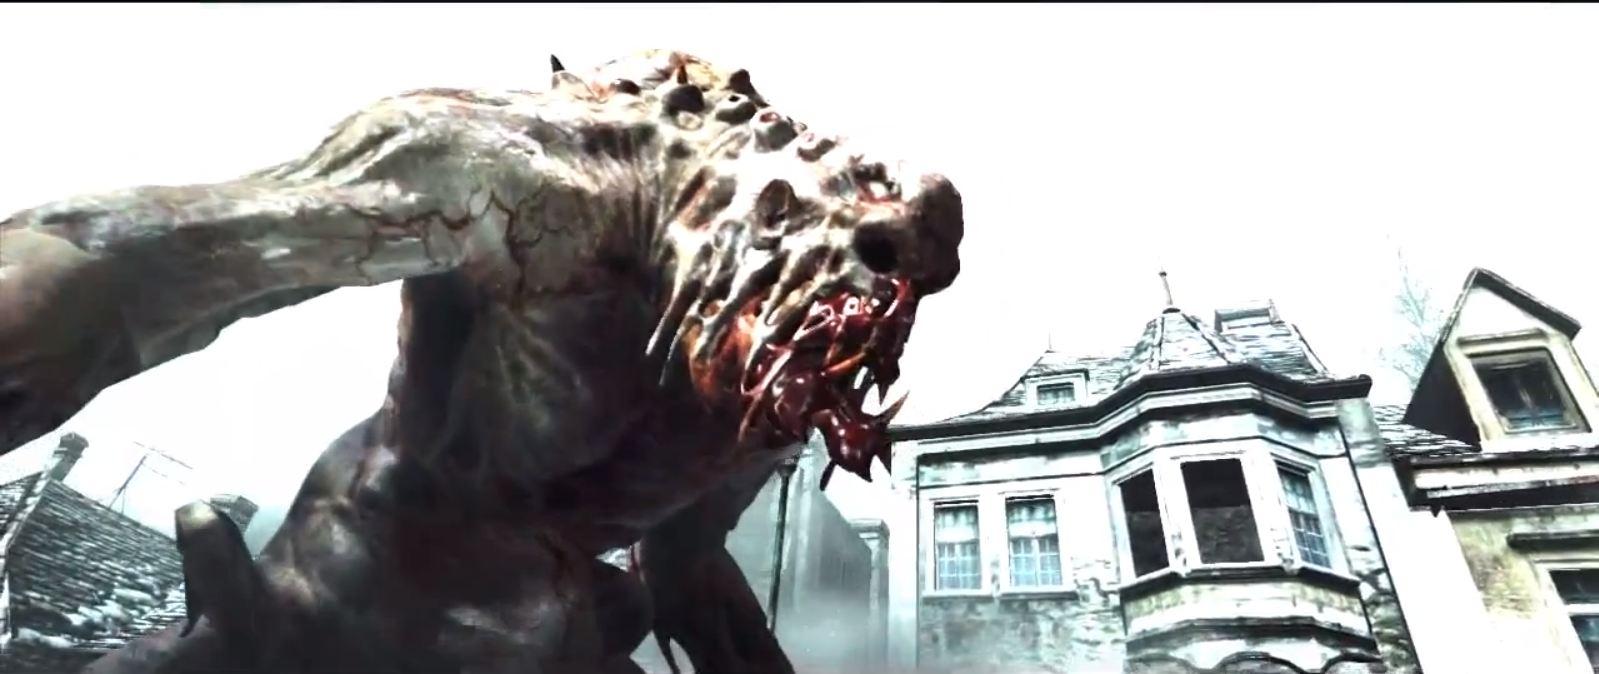 Resident Evil 6 Gameverse